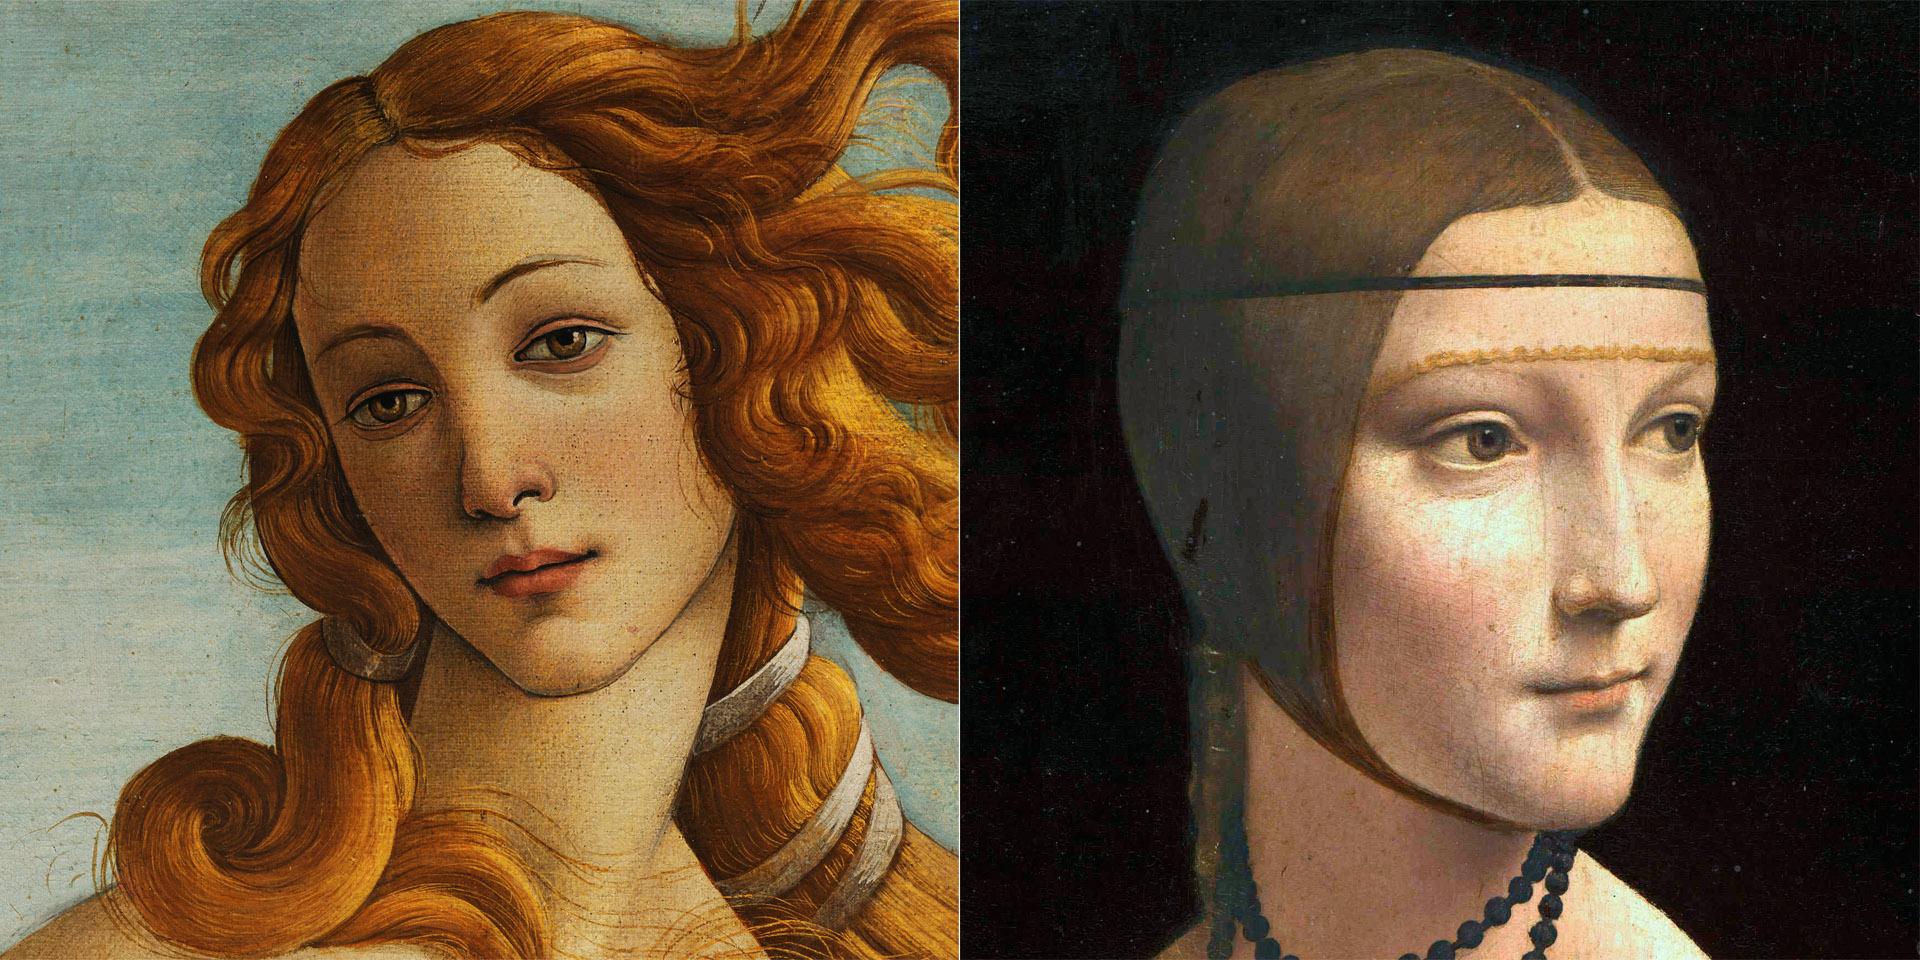 Venere-Botticelli_Ermellino-Leo_1920